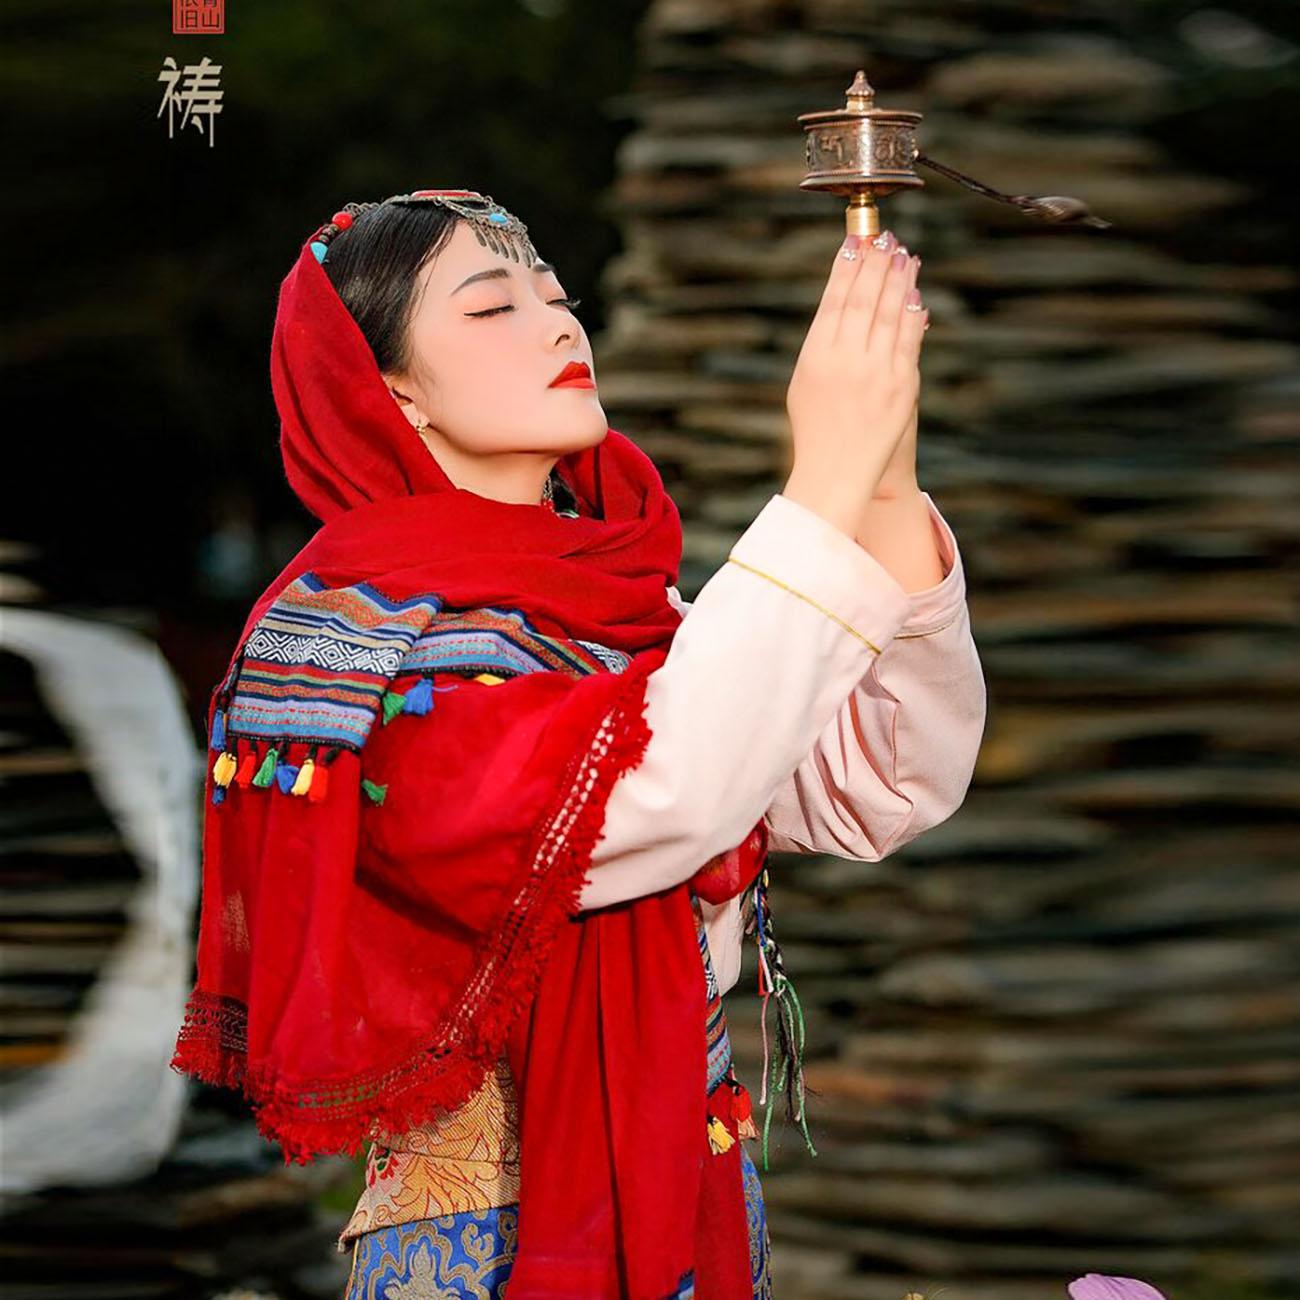 318川藏线人物照片(摄影作品)